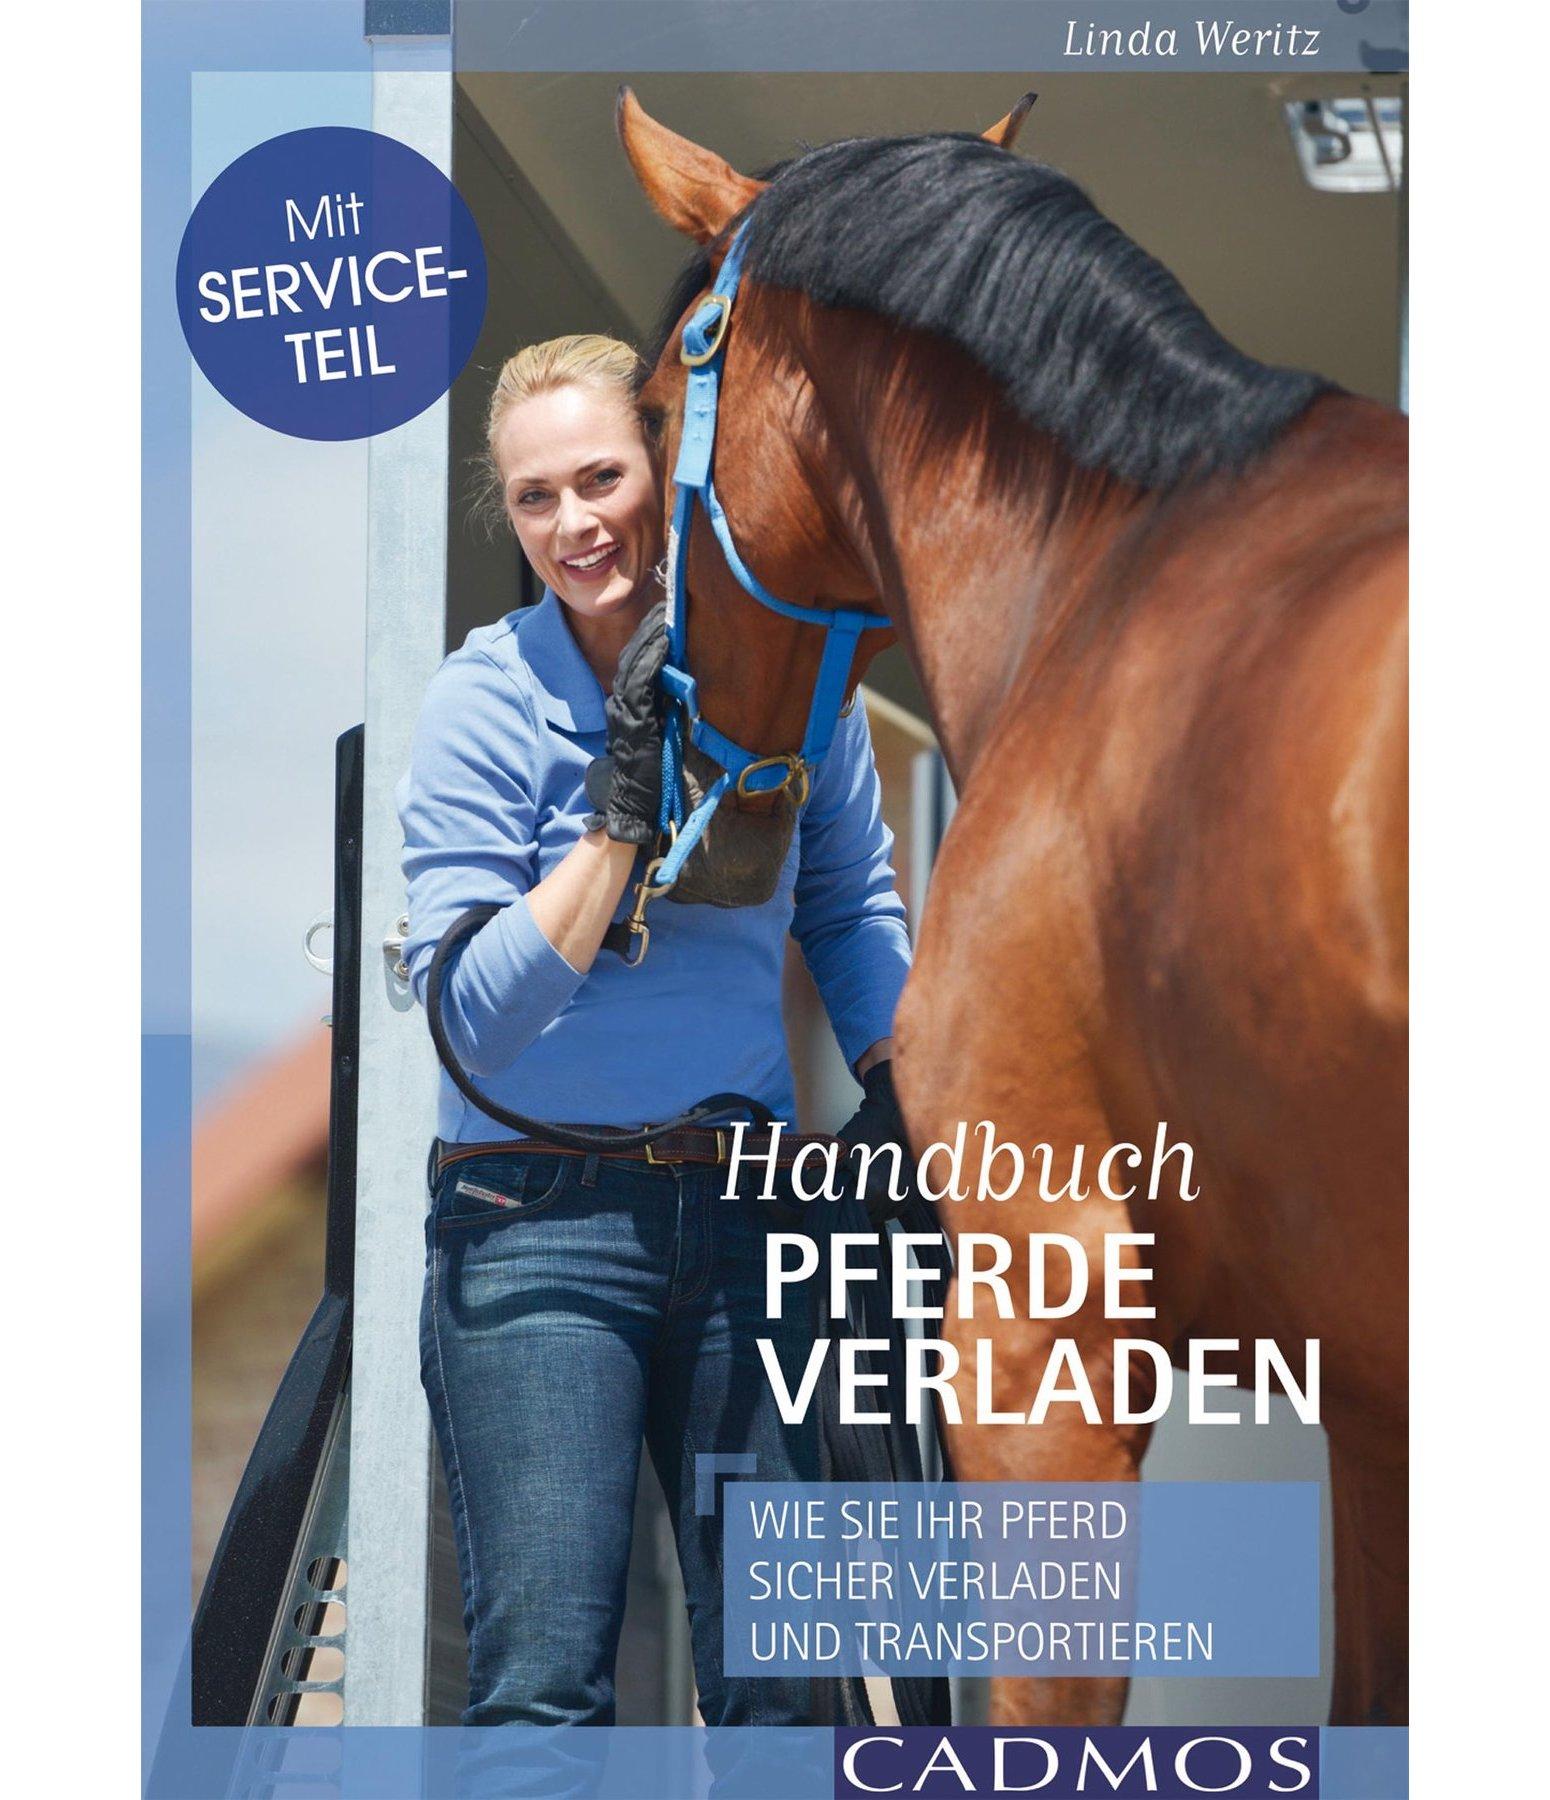 Handbuch Pferde verladen - Umgang & Kommunikation - Krämer ...